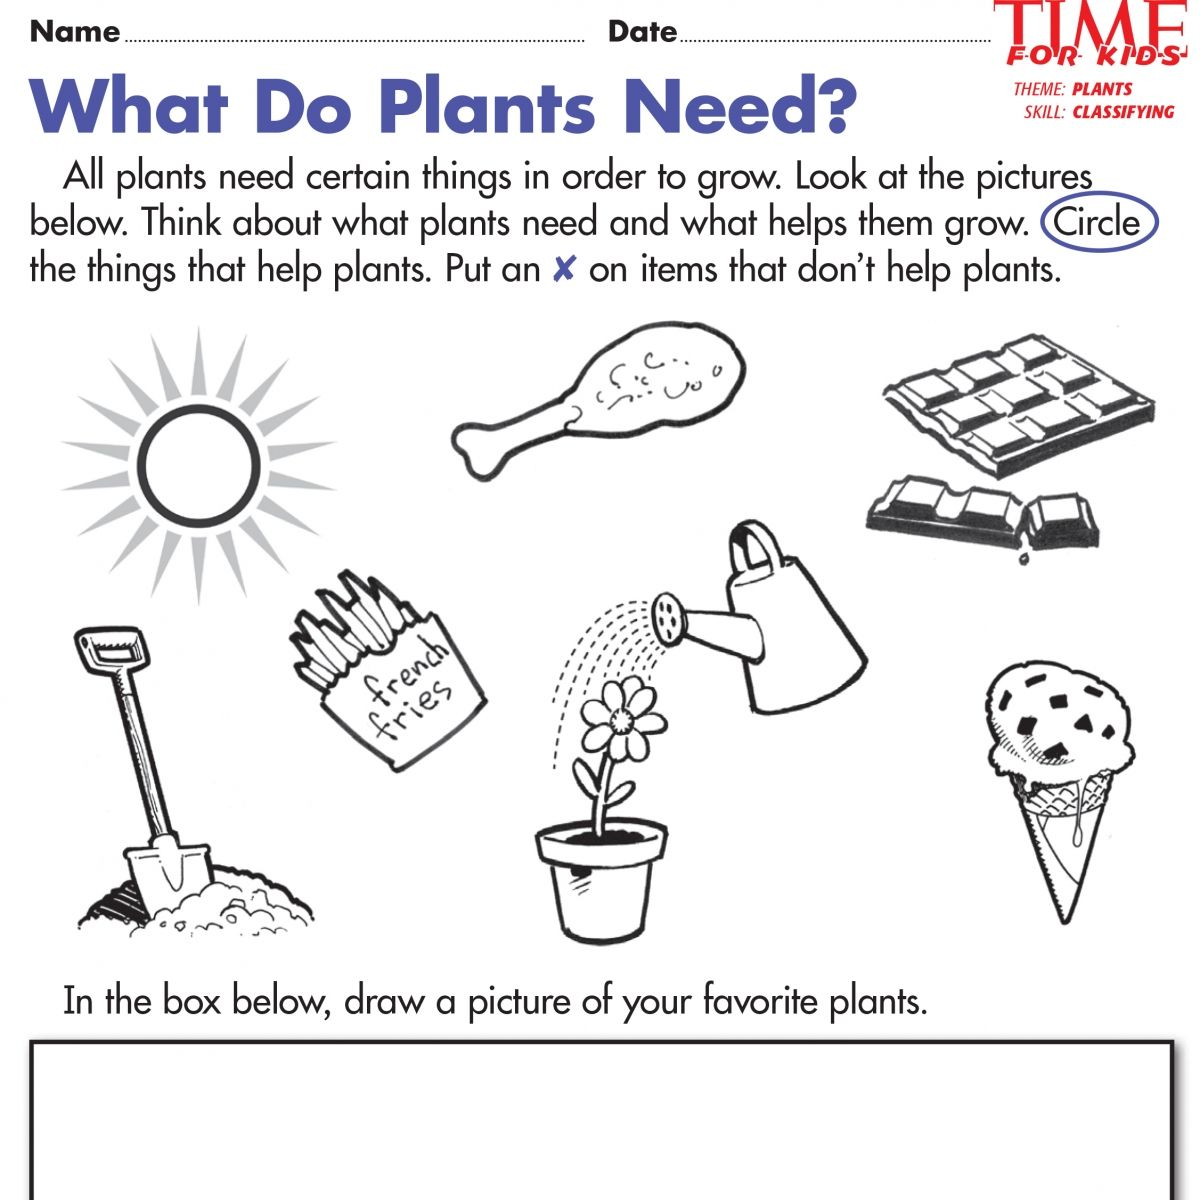 plant worksheets for kindergarten - Google Search   Kindergarten worksheets [ 1200 x 1200 Pixel ]